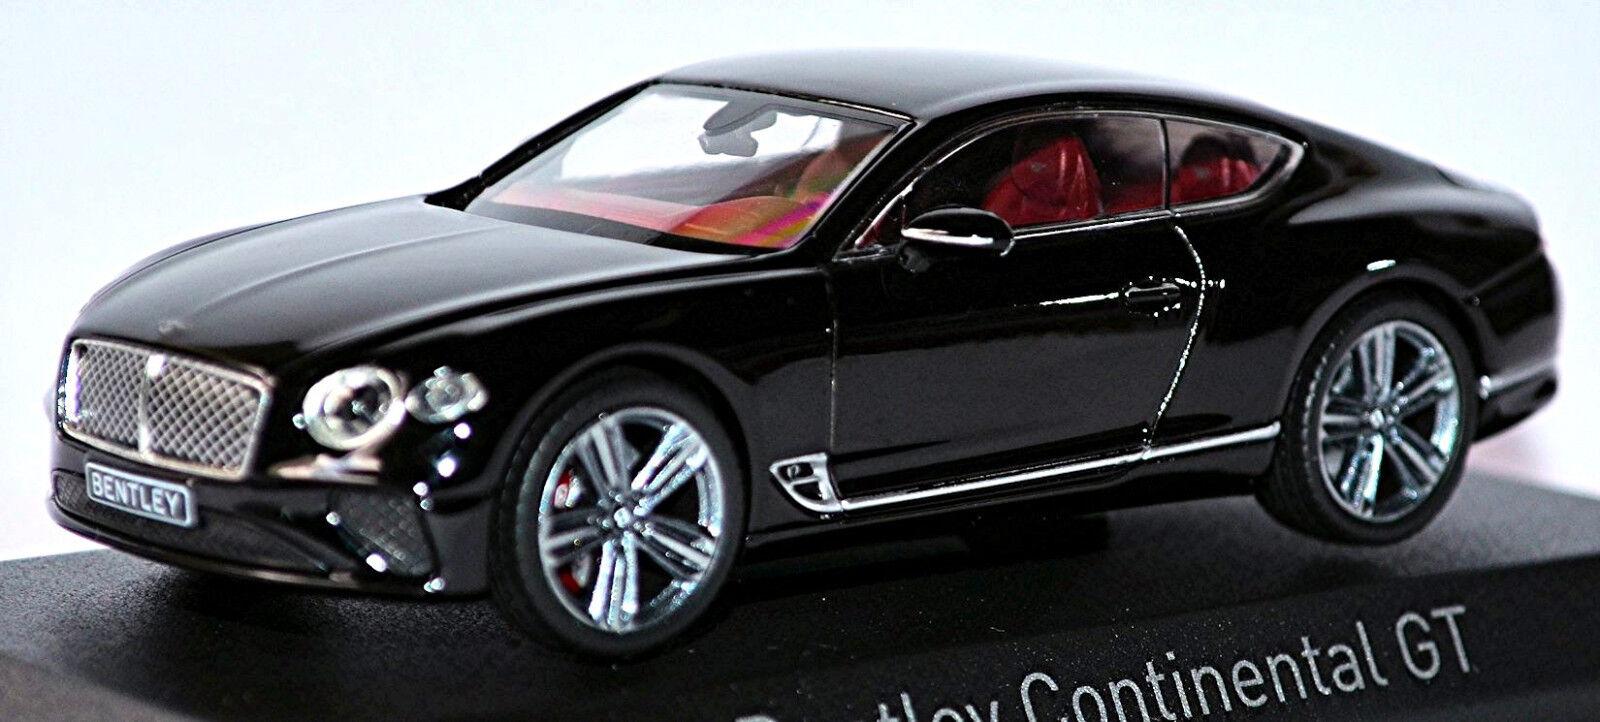 promociones de descuento Bentley Continental Continental Continental Gt Coupé 2018 Beluga Negro Negro 1 43 Norev  autentico en linea